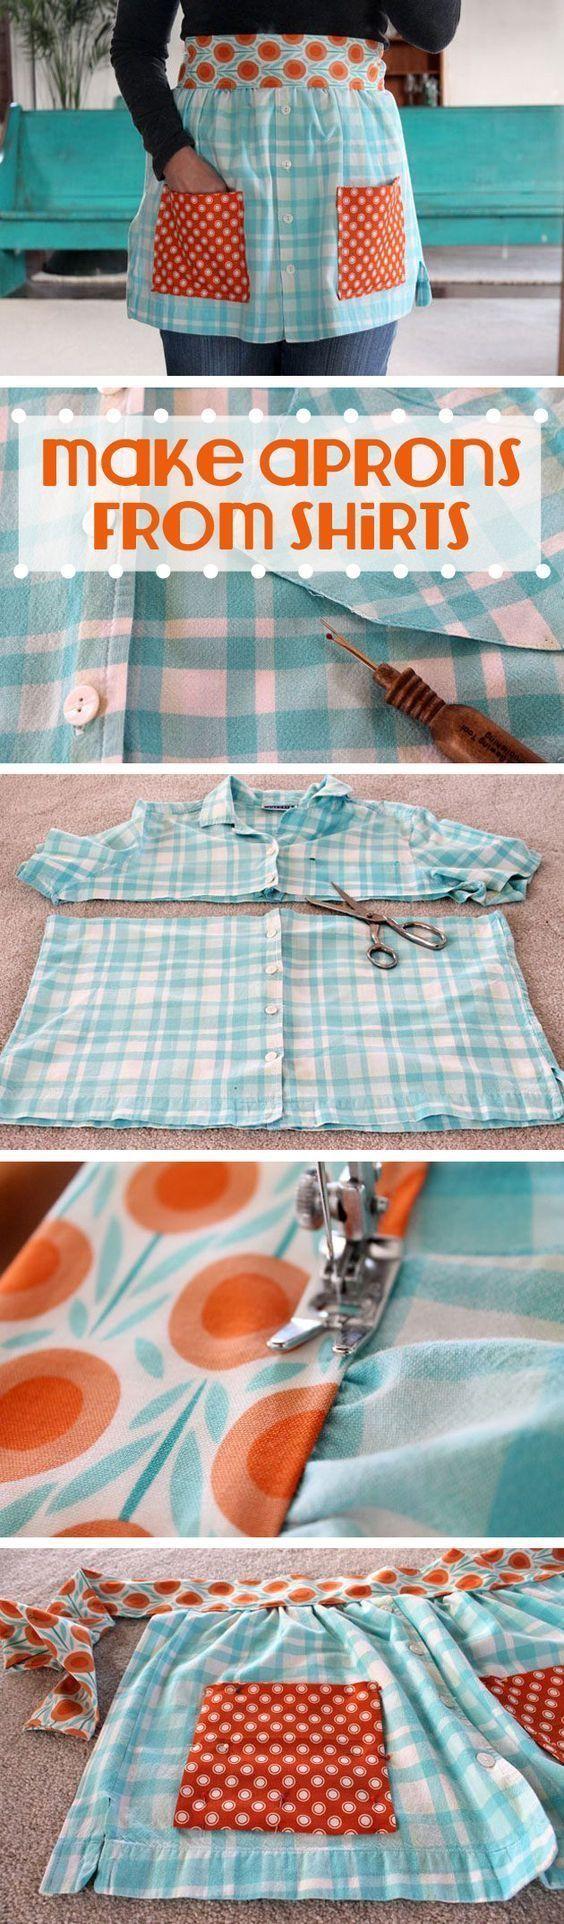 Short maken van overhemd